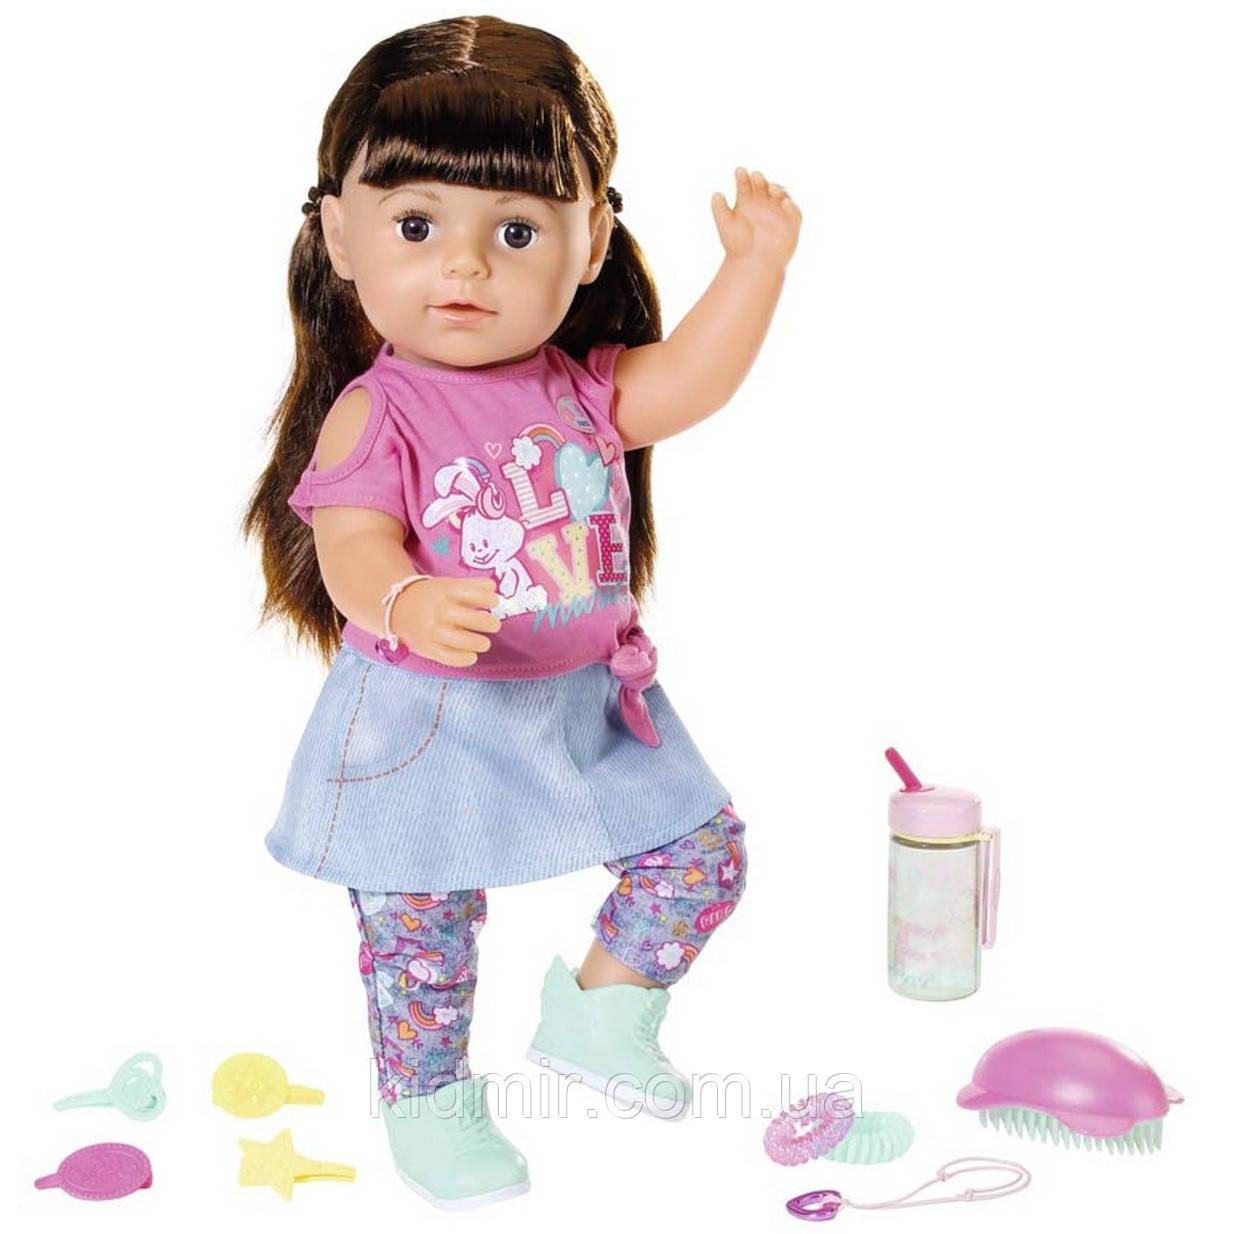 Беби Борн Интерактивная кукла Стильная сестренка Нежные объятия 43 см Baby Born Zapf 827185